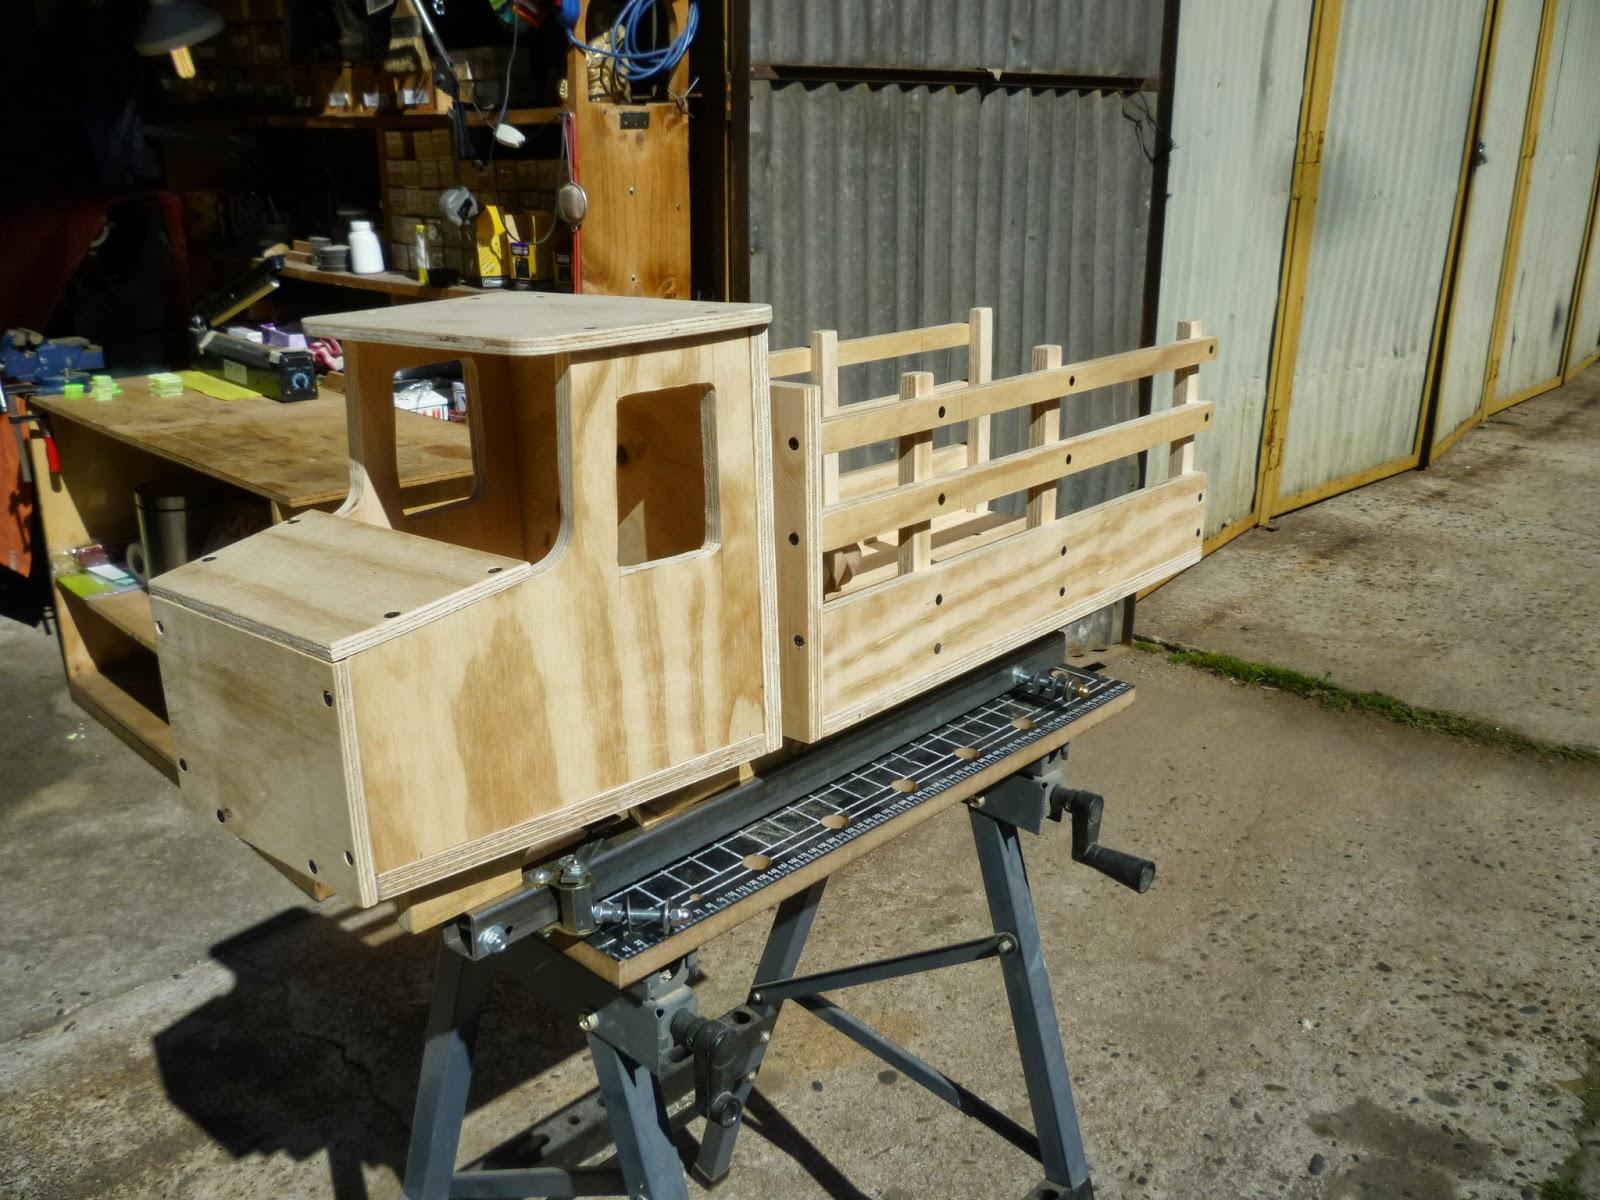 trabajos manuales cami n de madera